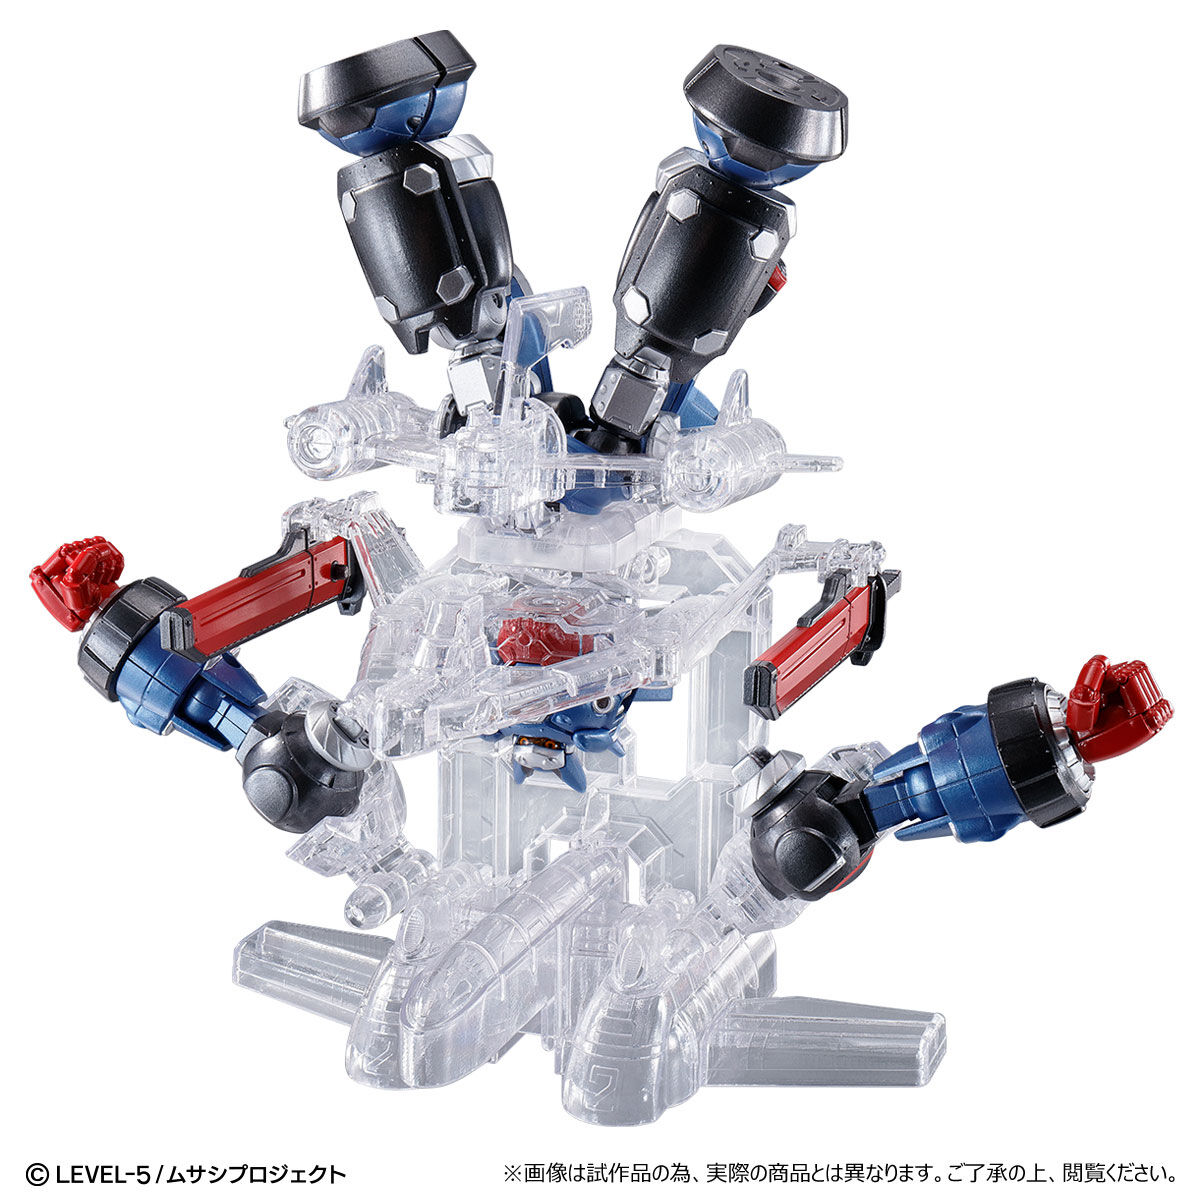 【限定販売】超弩級シリーズ『メガトン級ムサシ』可動フィギュア-007